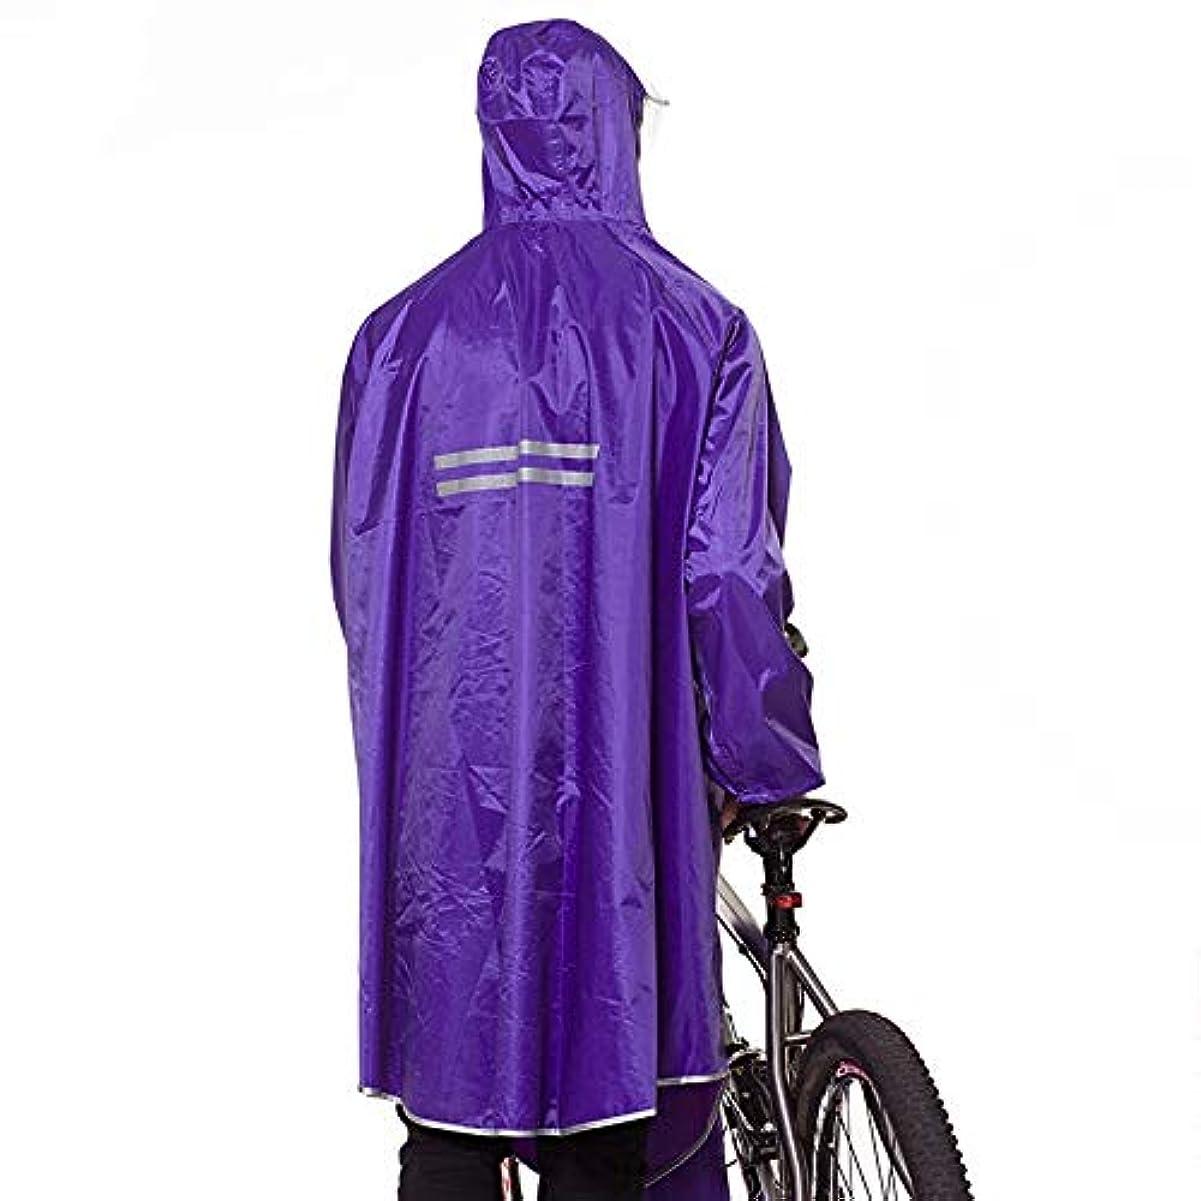 樹木伝説しわレインコート Boomo Boomo 自転車 バイク ロング ポンチョ 男女兼用 メンズ レディース 通勤通学 自転車 バイク 通学 通勤に対応 フリーサイズ 完全防水 透湿(パープル)